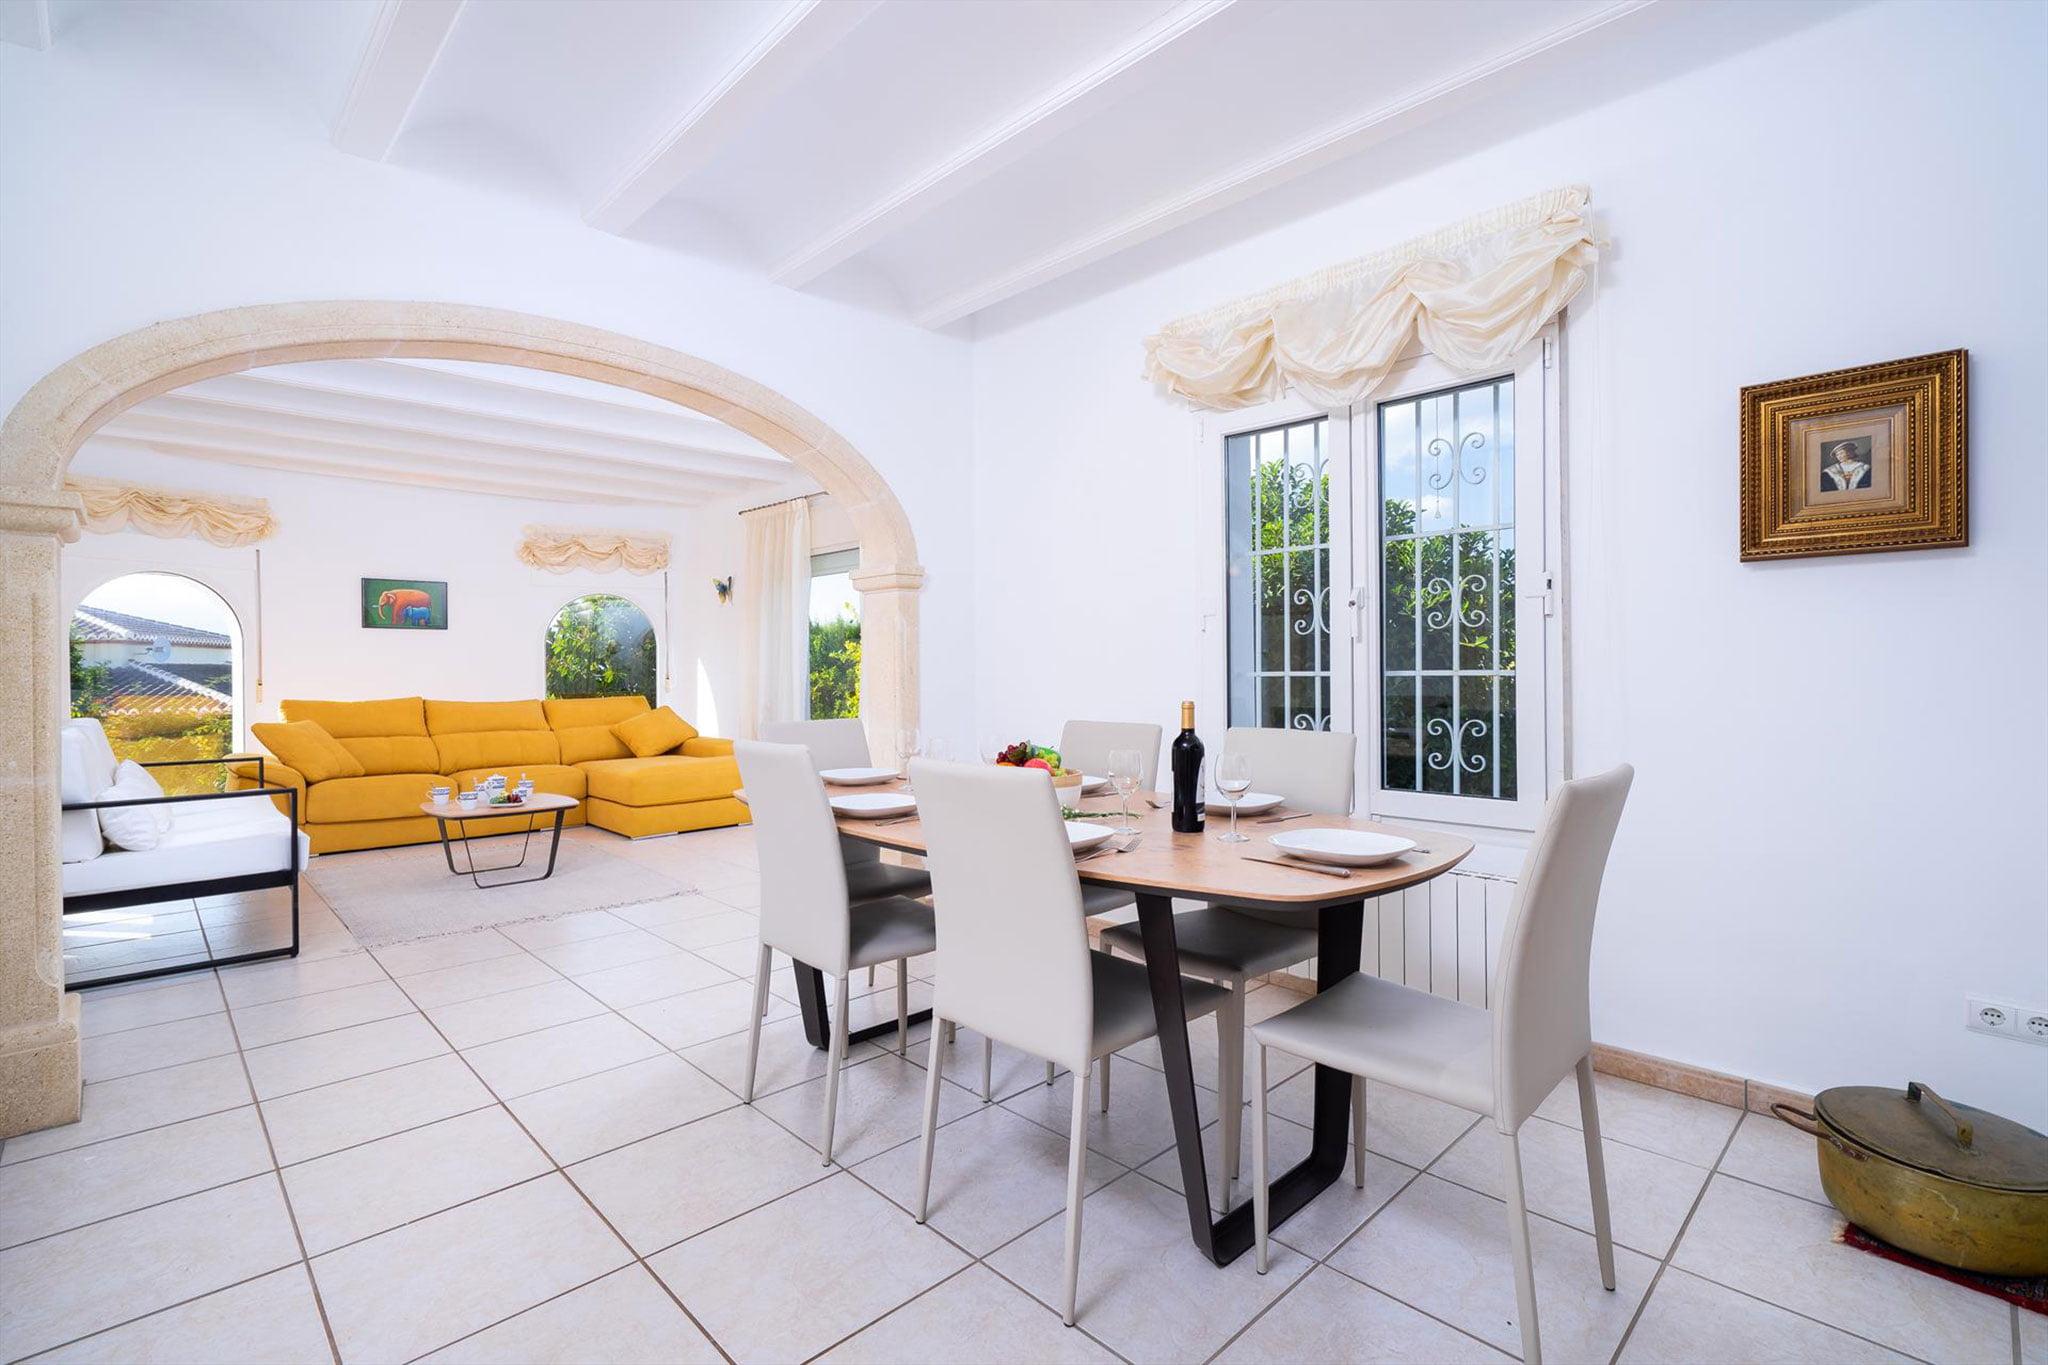 Salón comedor en una casa de vacaciones en Jávea – Aguila Rent a Villa